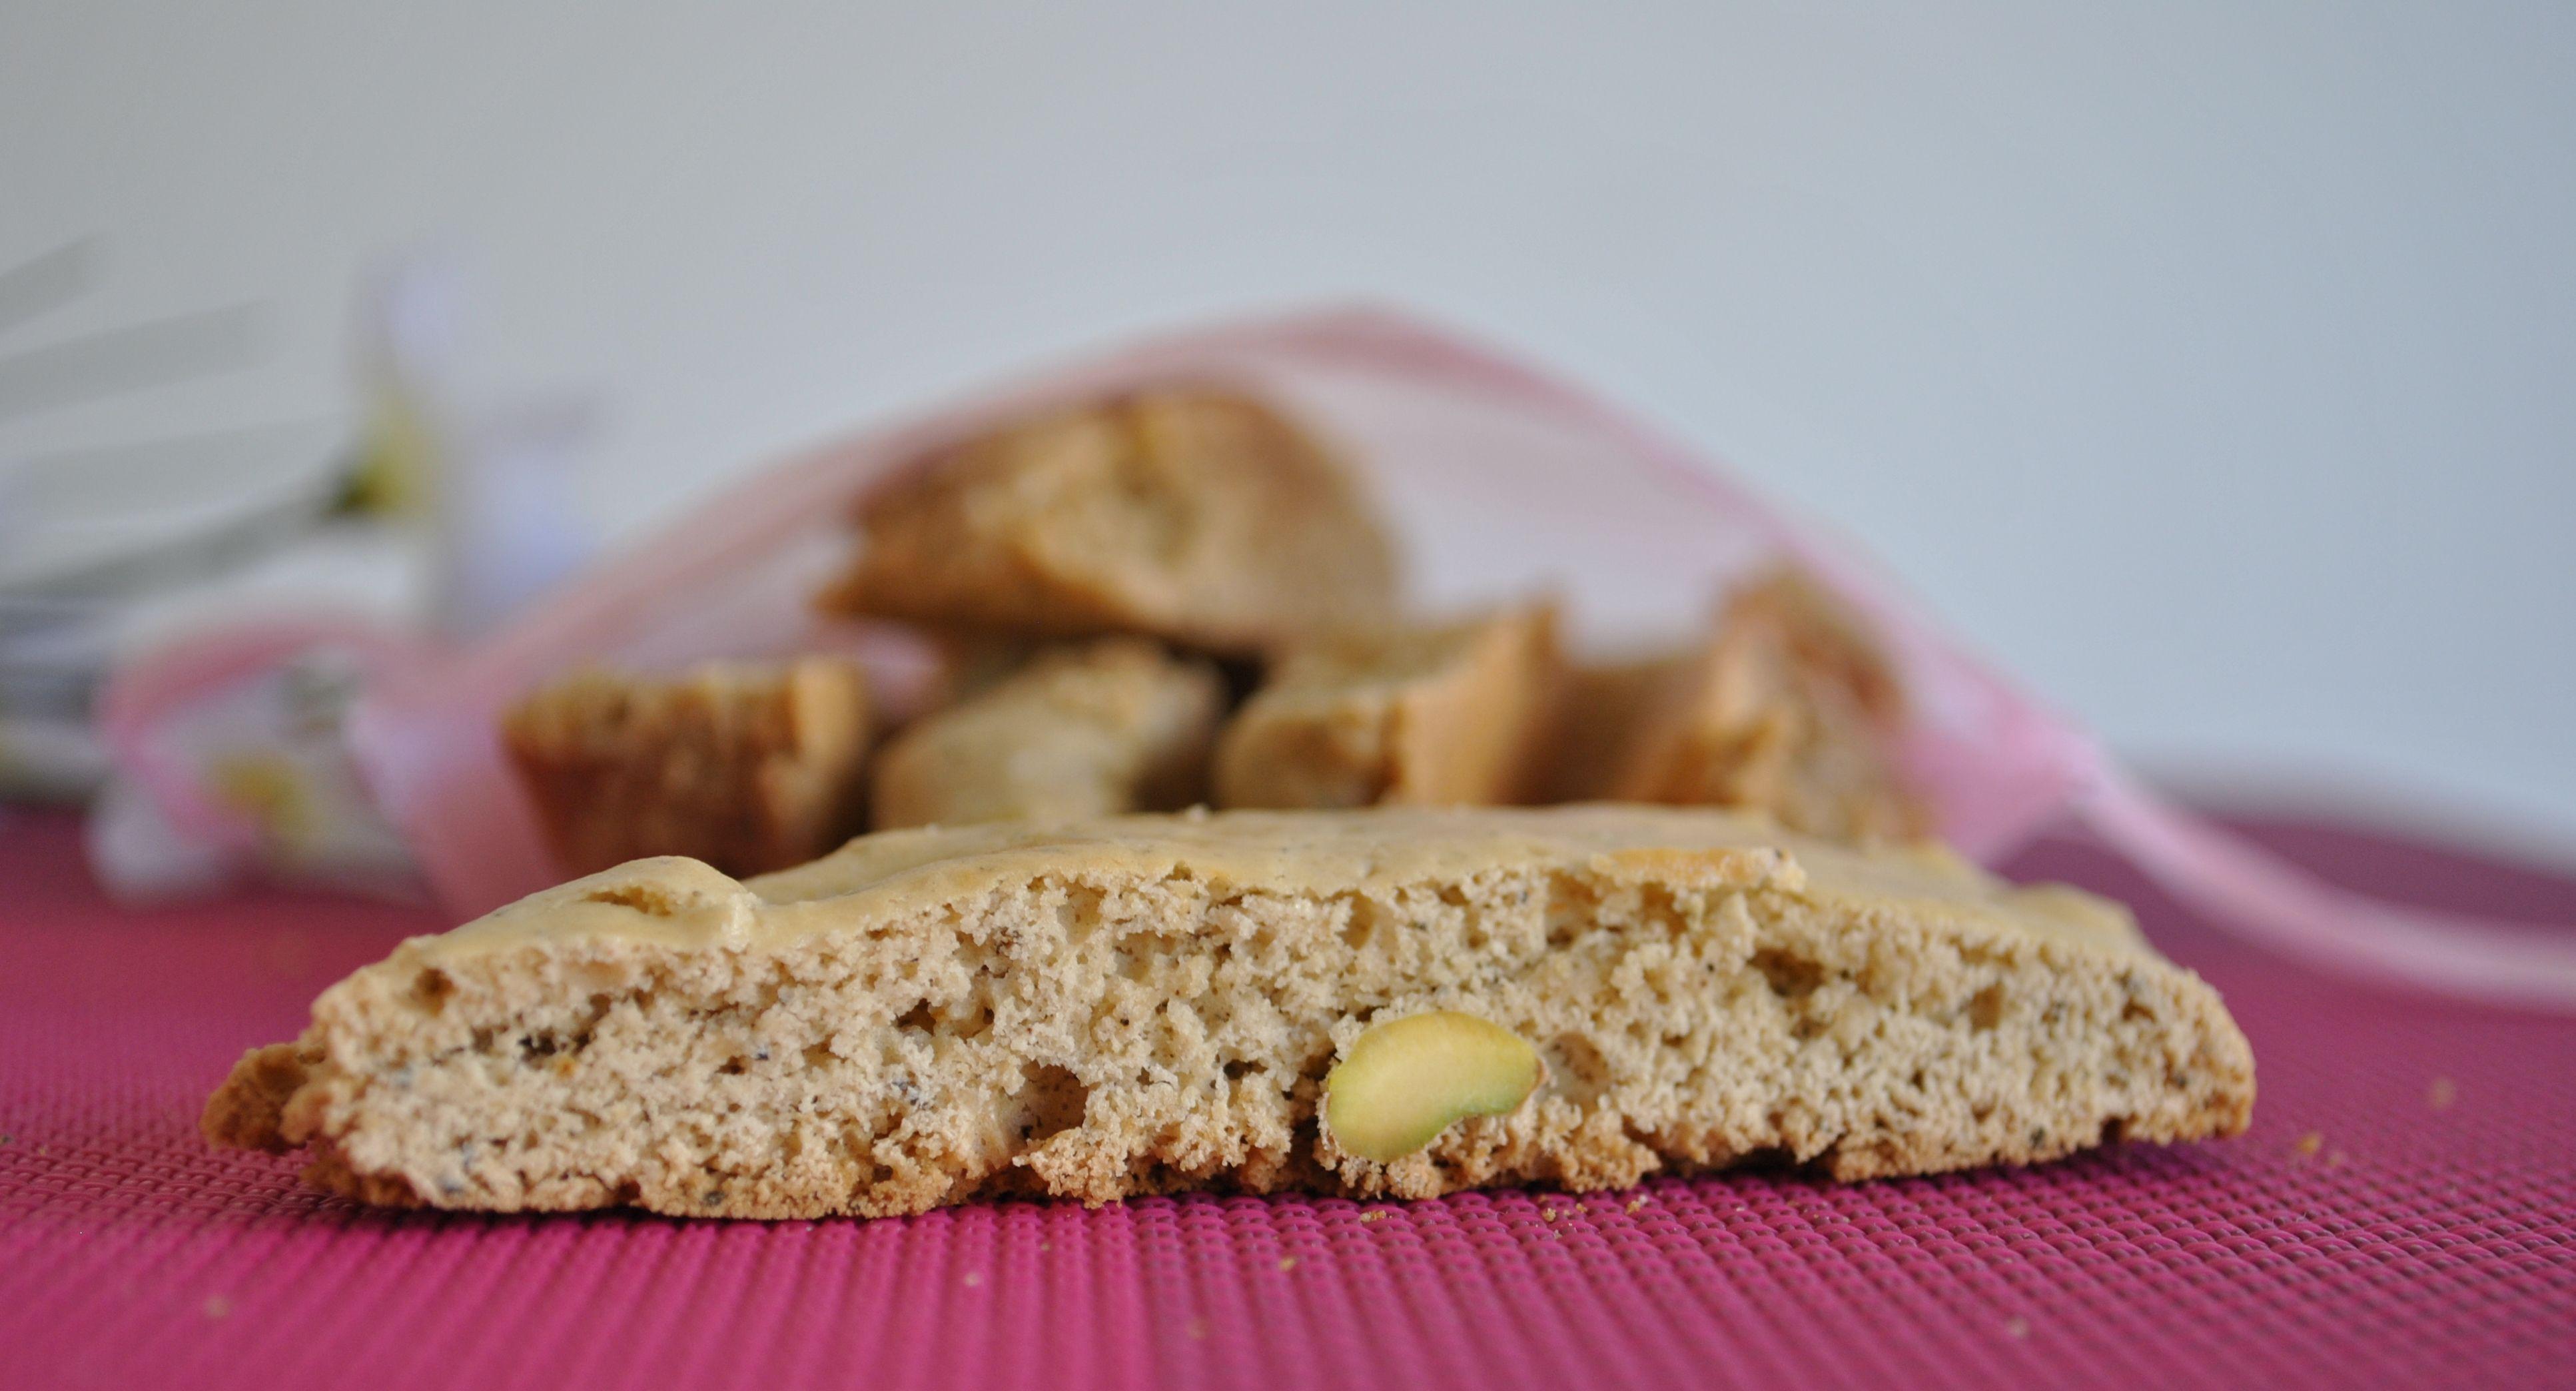 Una versione profumatissima e senza glutine dei classici cantucci, con pistacchi e tè al gelsomino